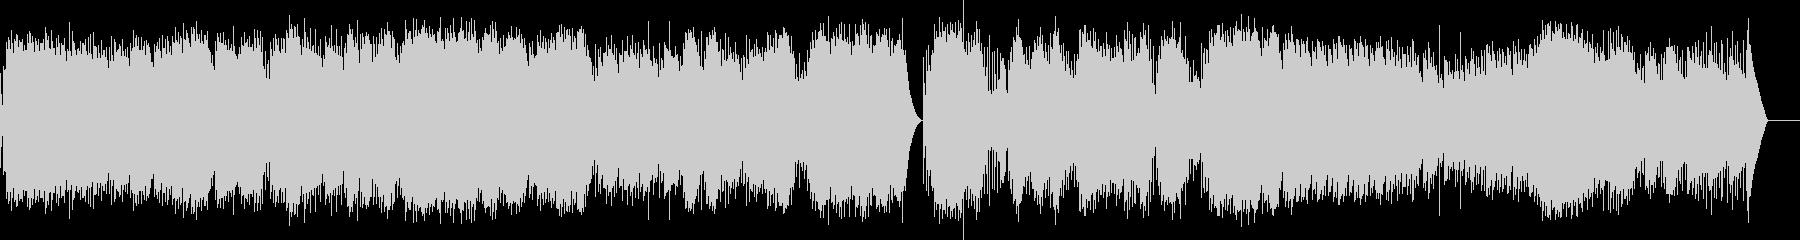 バッハ 無伴奏チェロ組曲 (オルゴール)の未再生の波形